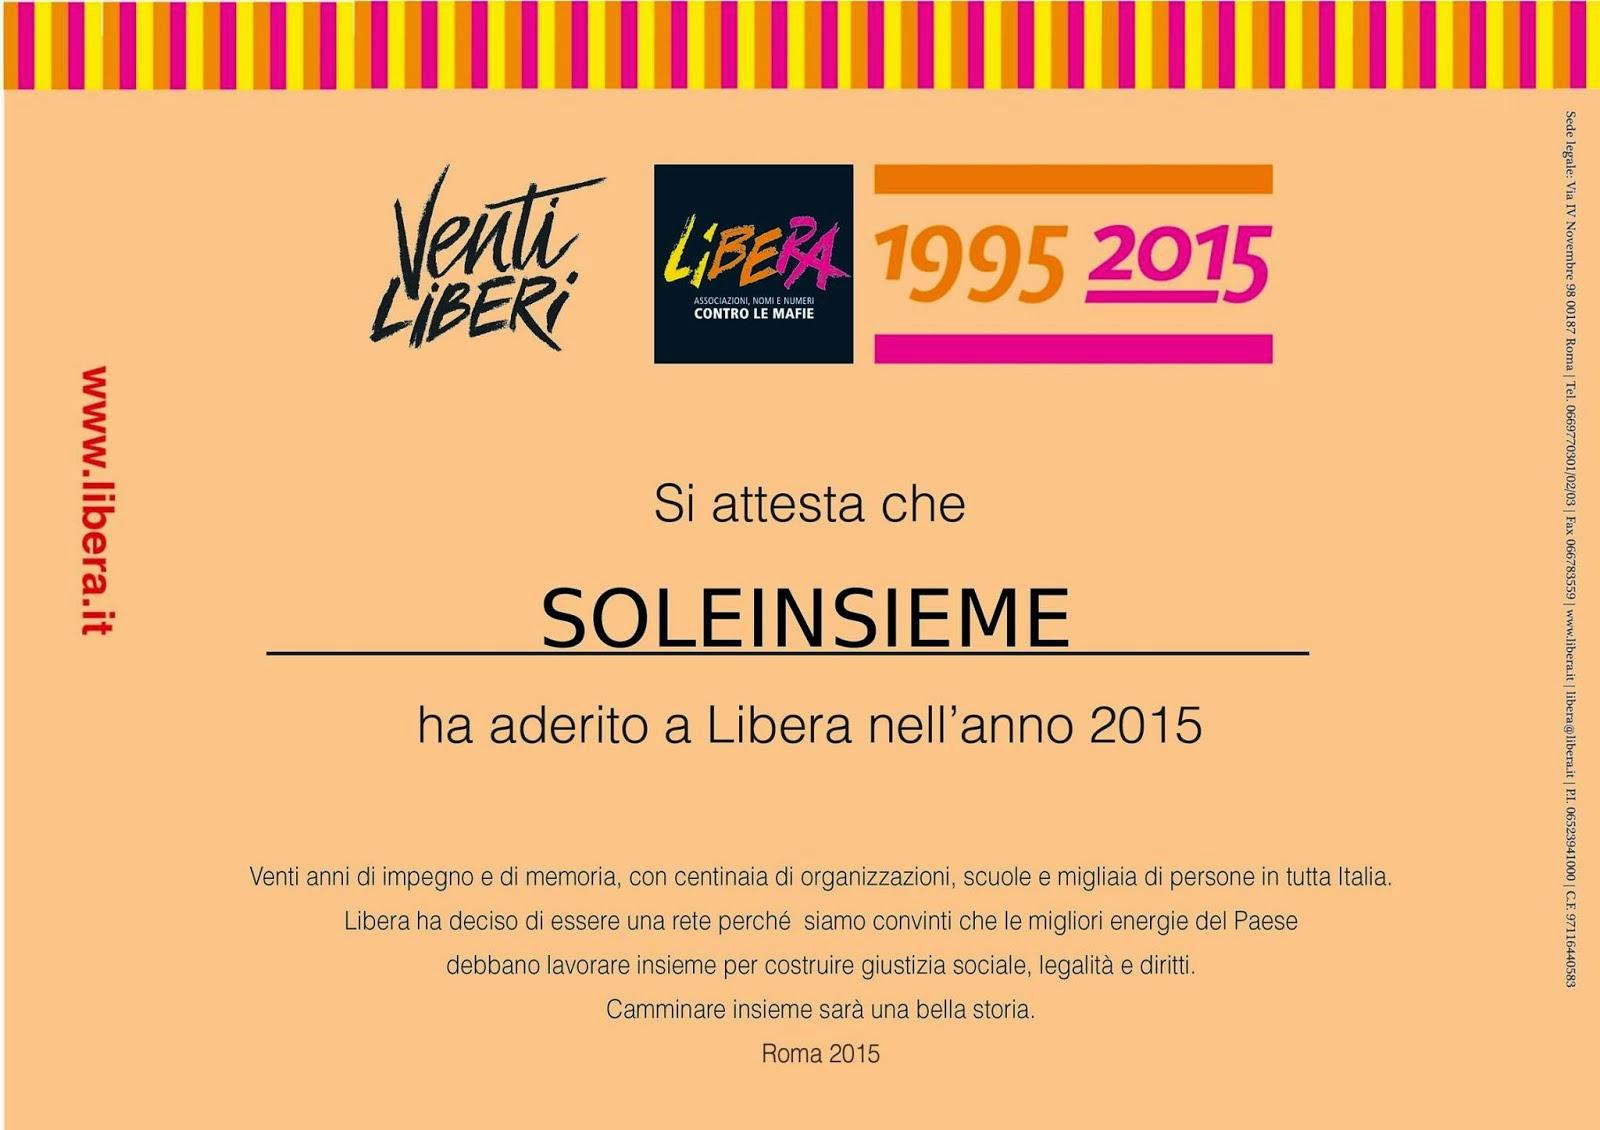 Libera 2015